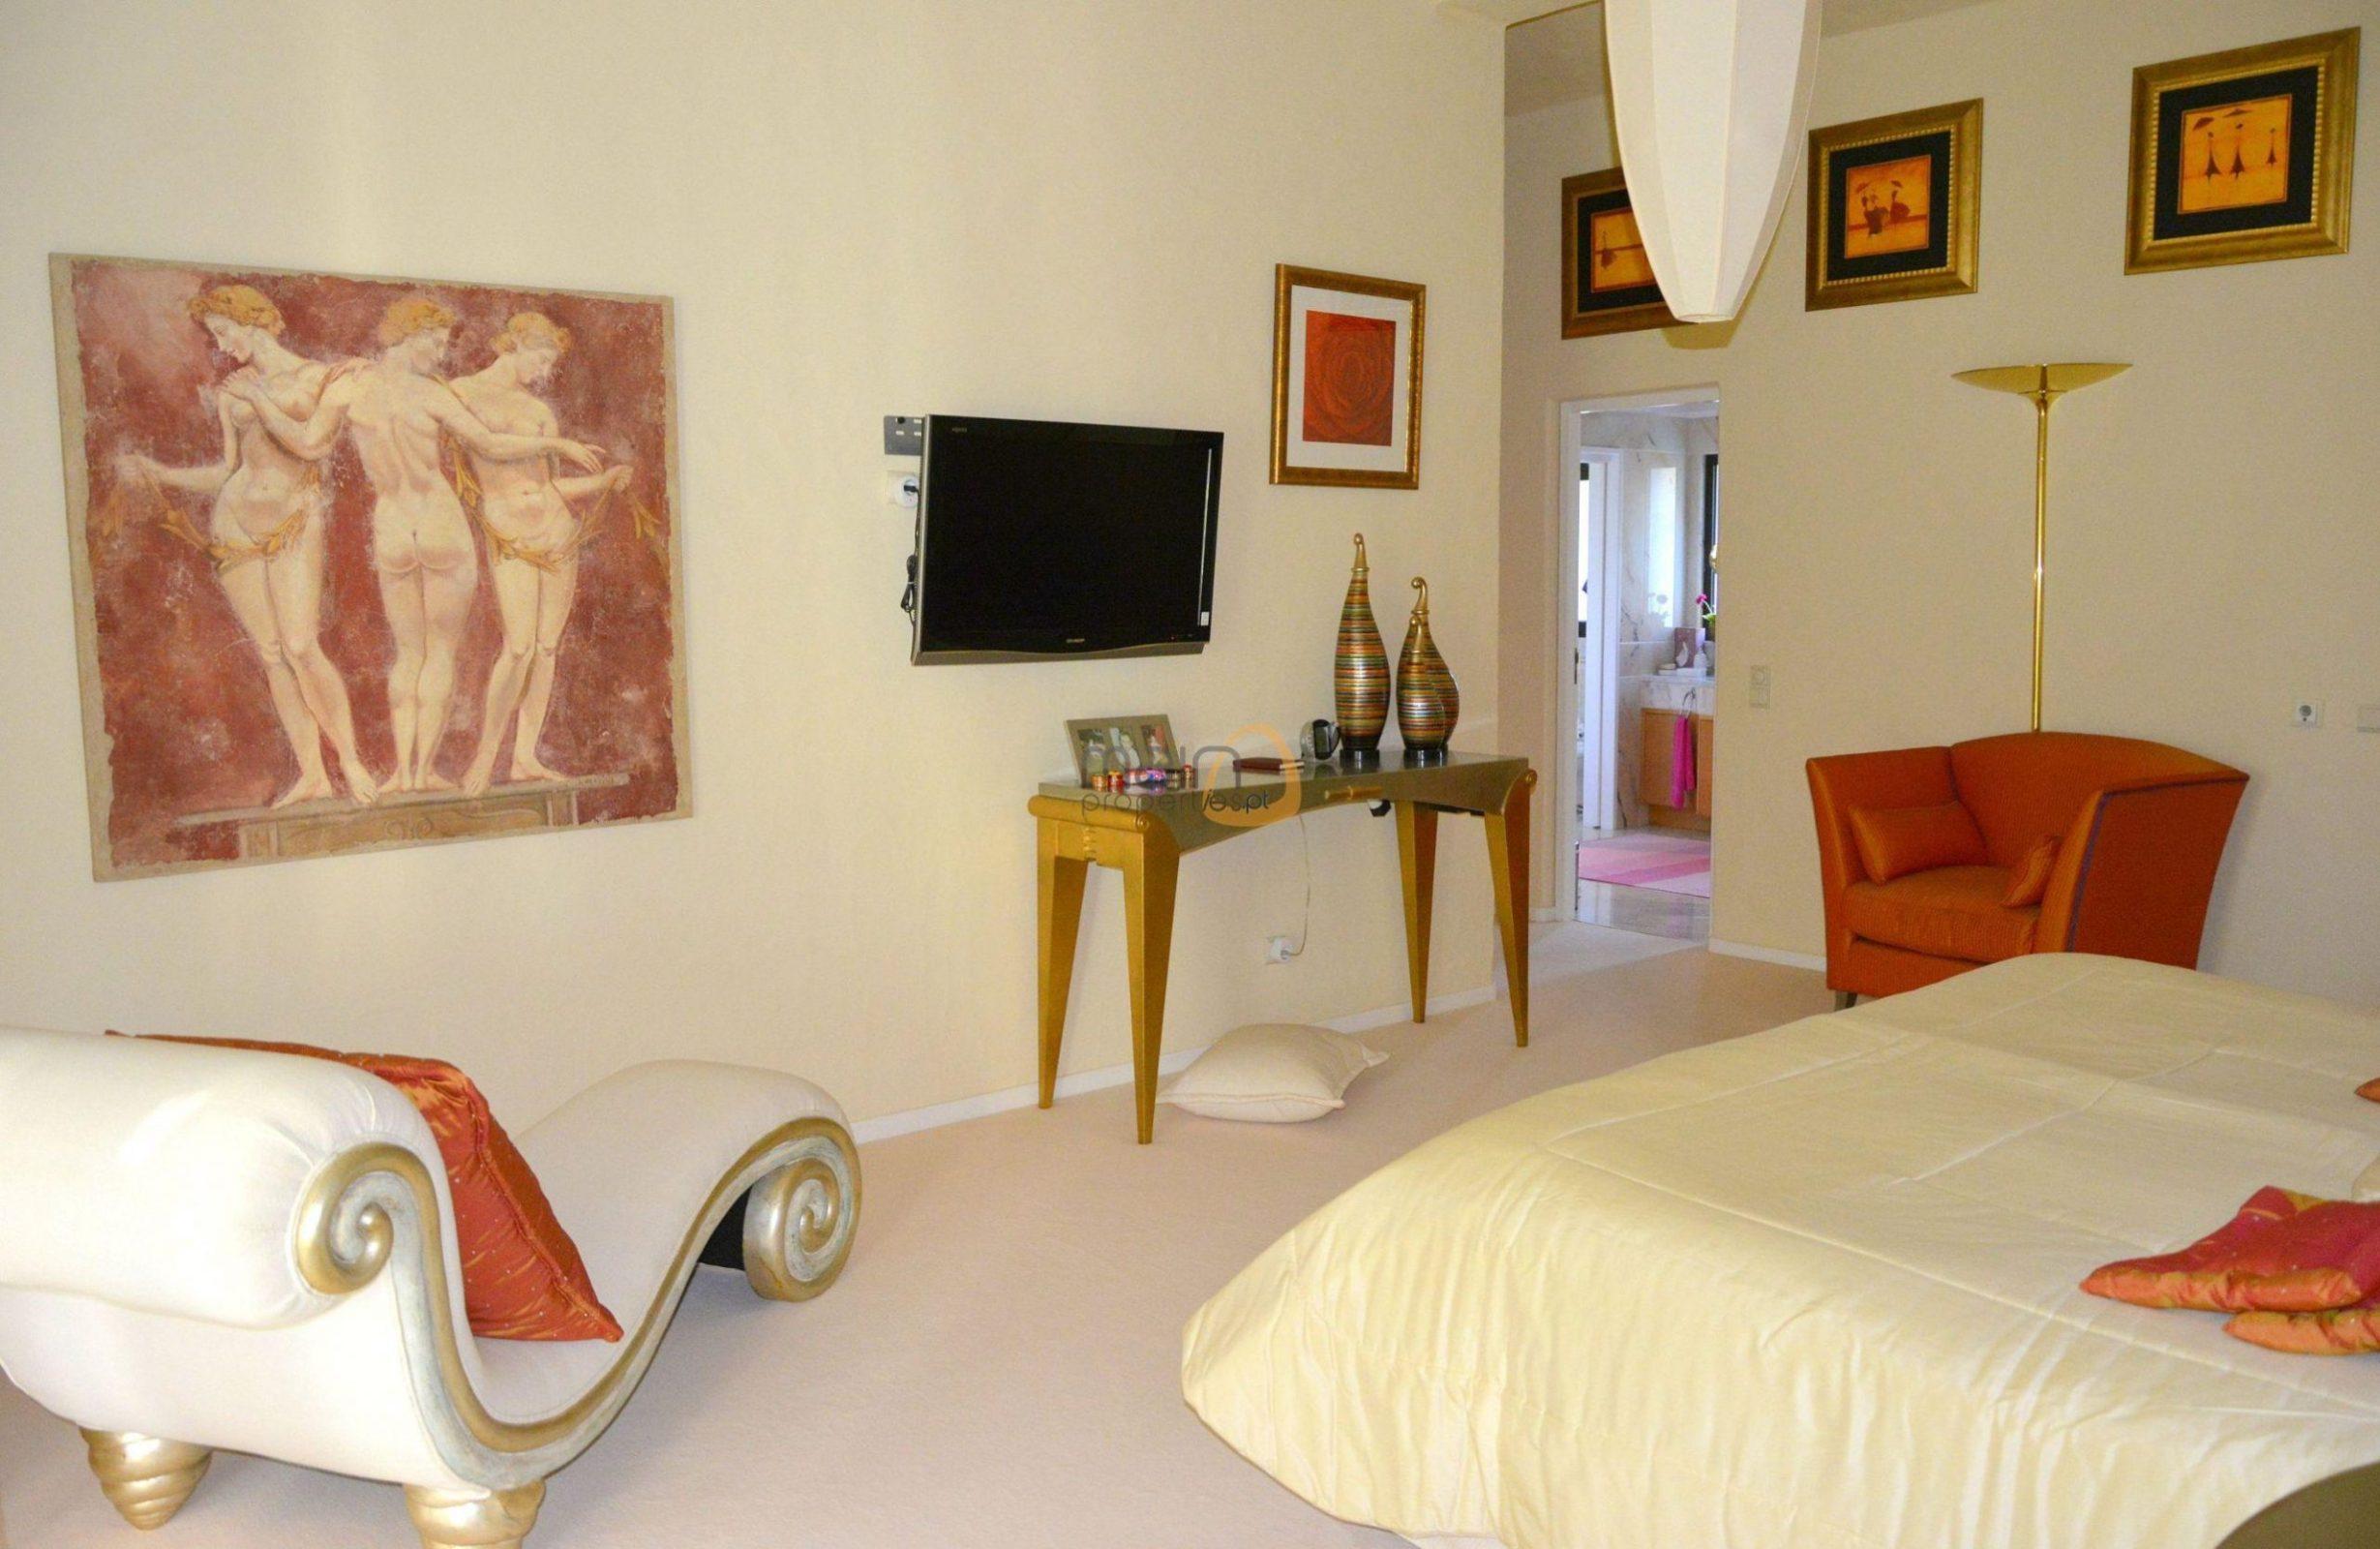 [:pt]Moradia com 5 quartos na Quinta do Lago :: Quarto 1 :: MainProperties :: 020061[:en]5 bedroom villa in Quinta do Lago :: Bedroom 1 :: MainProperties :: 020061[:]